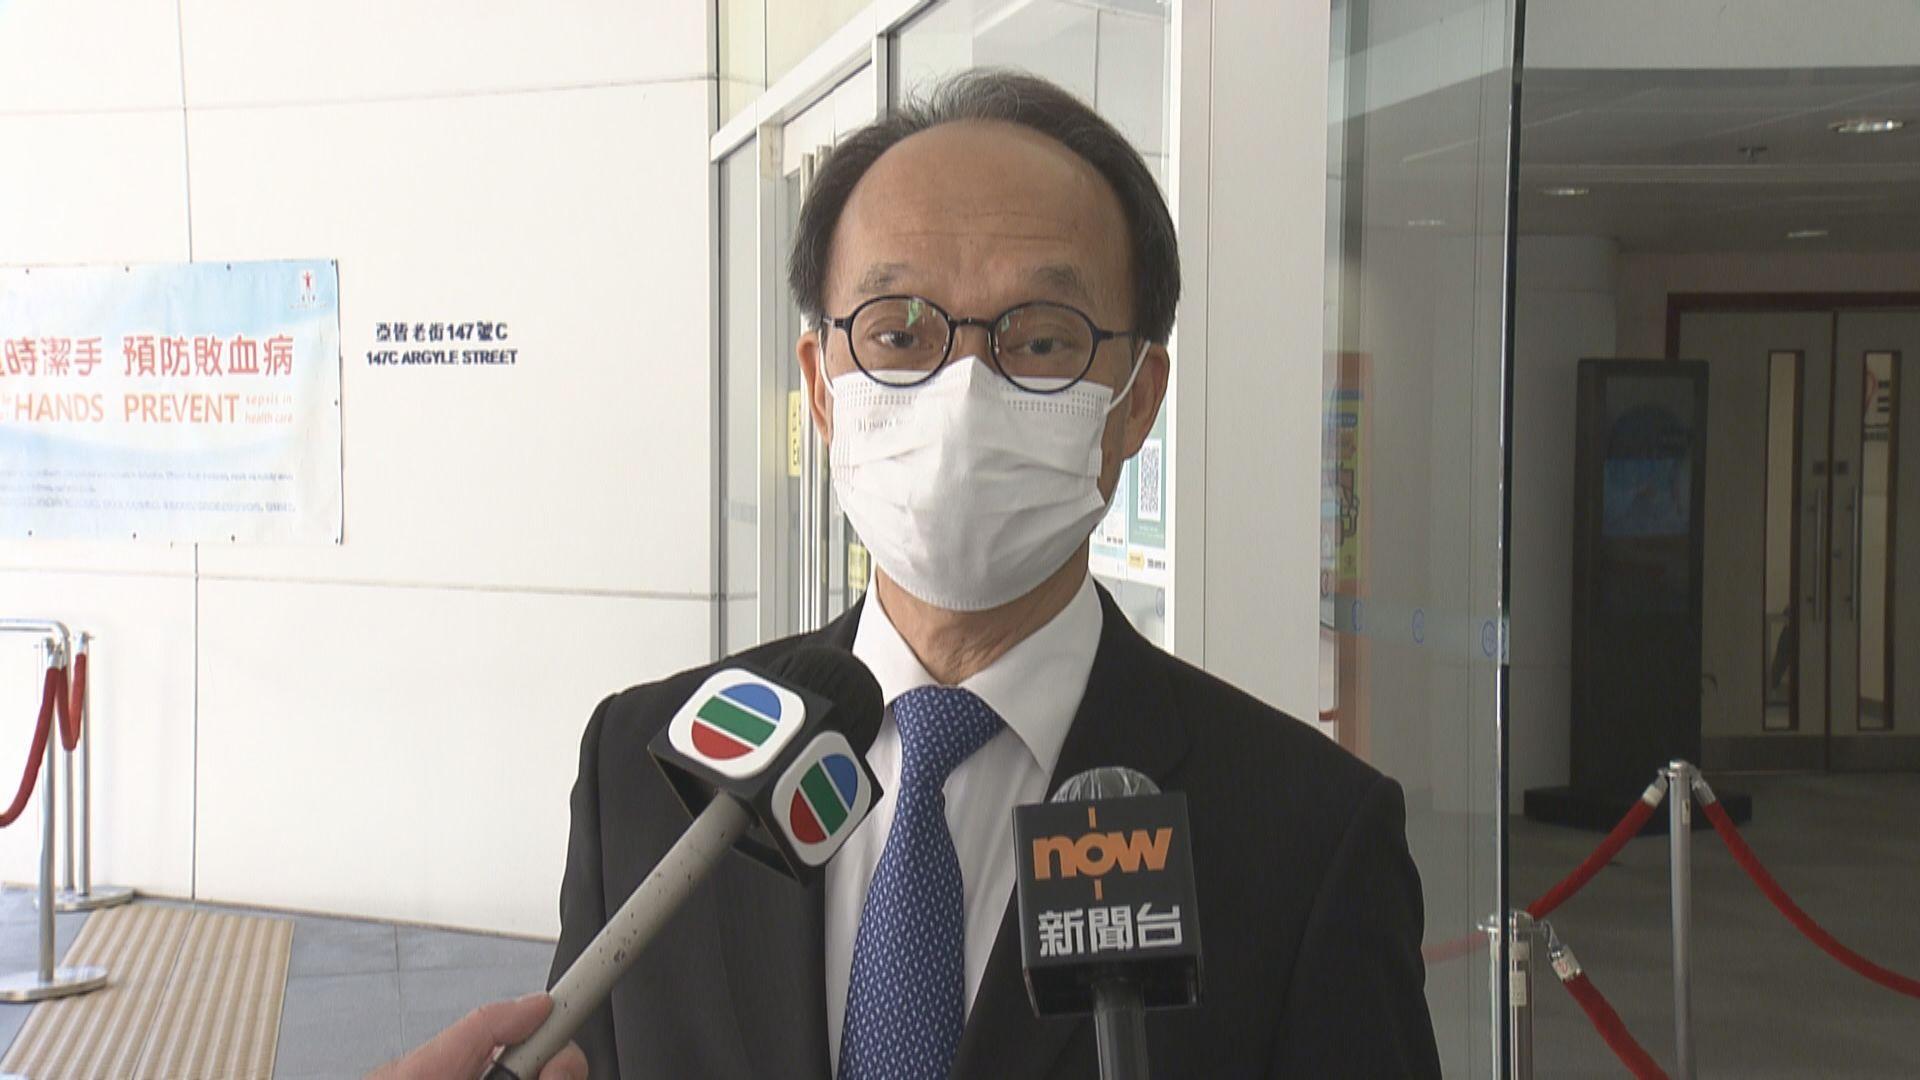 劉宇隆:疫苗接種指引保守 應彈性處理降科興接種年齡